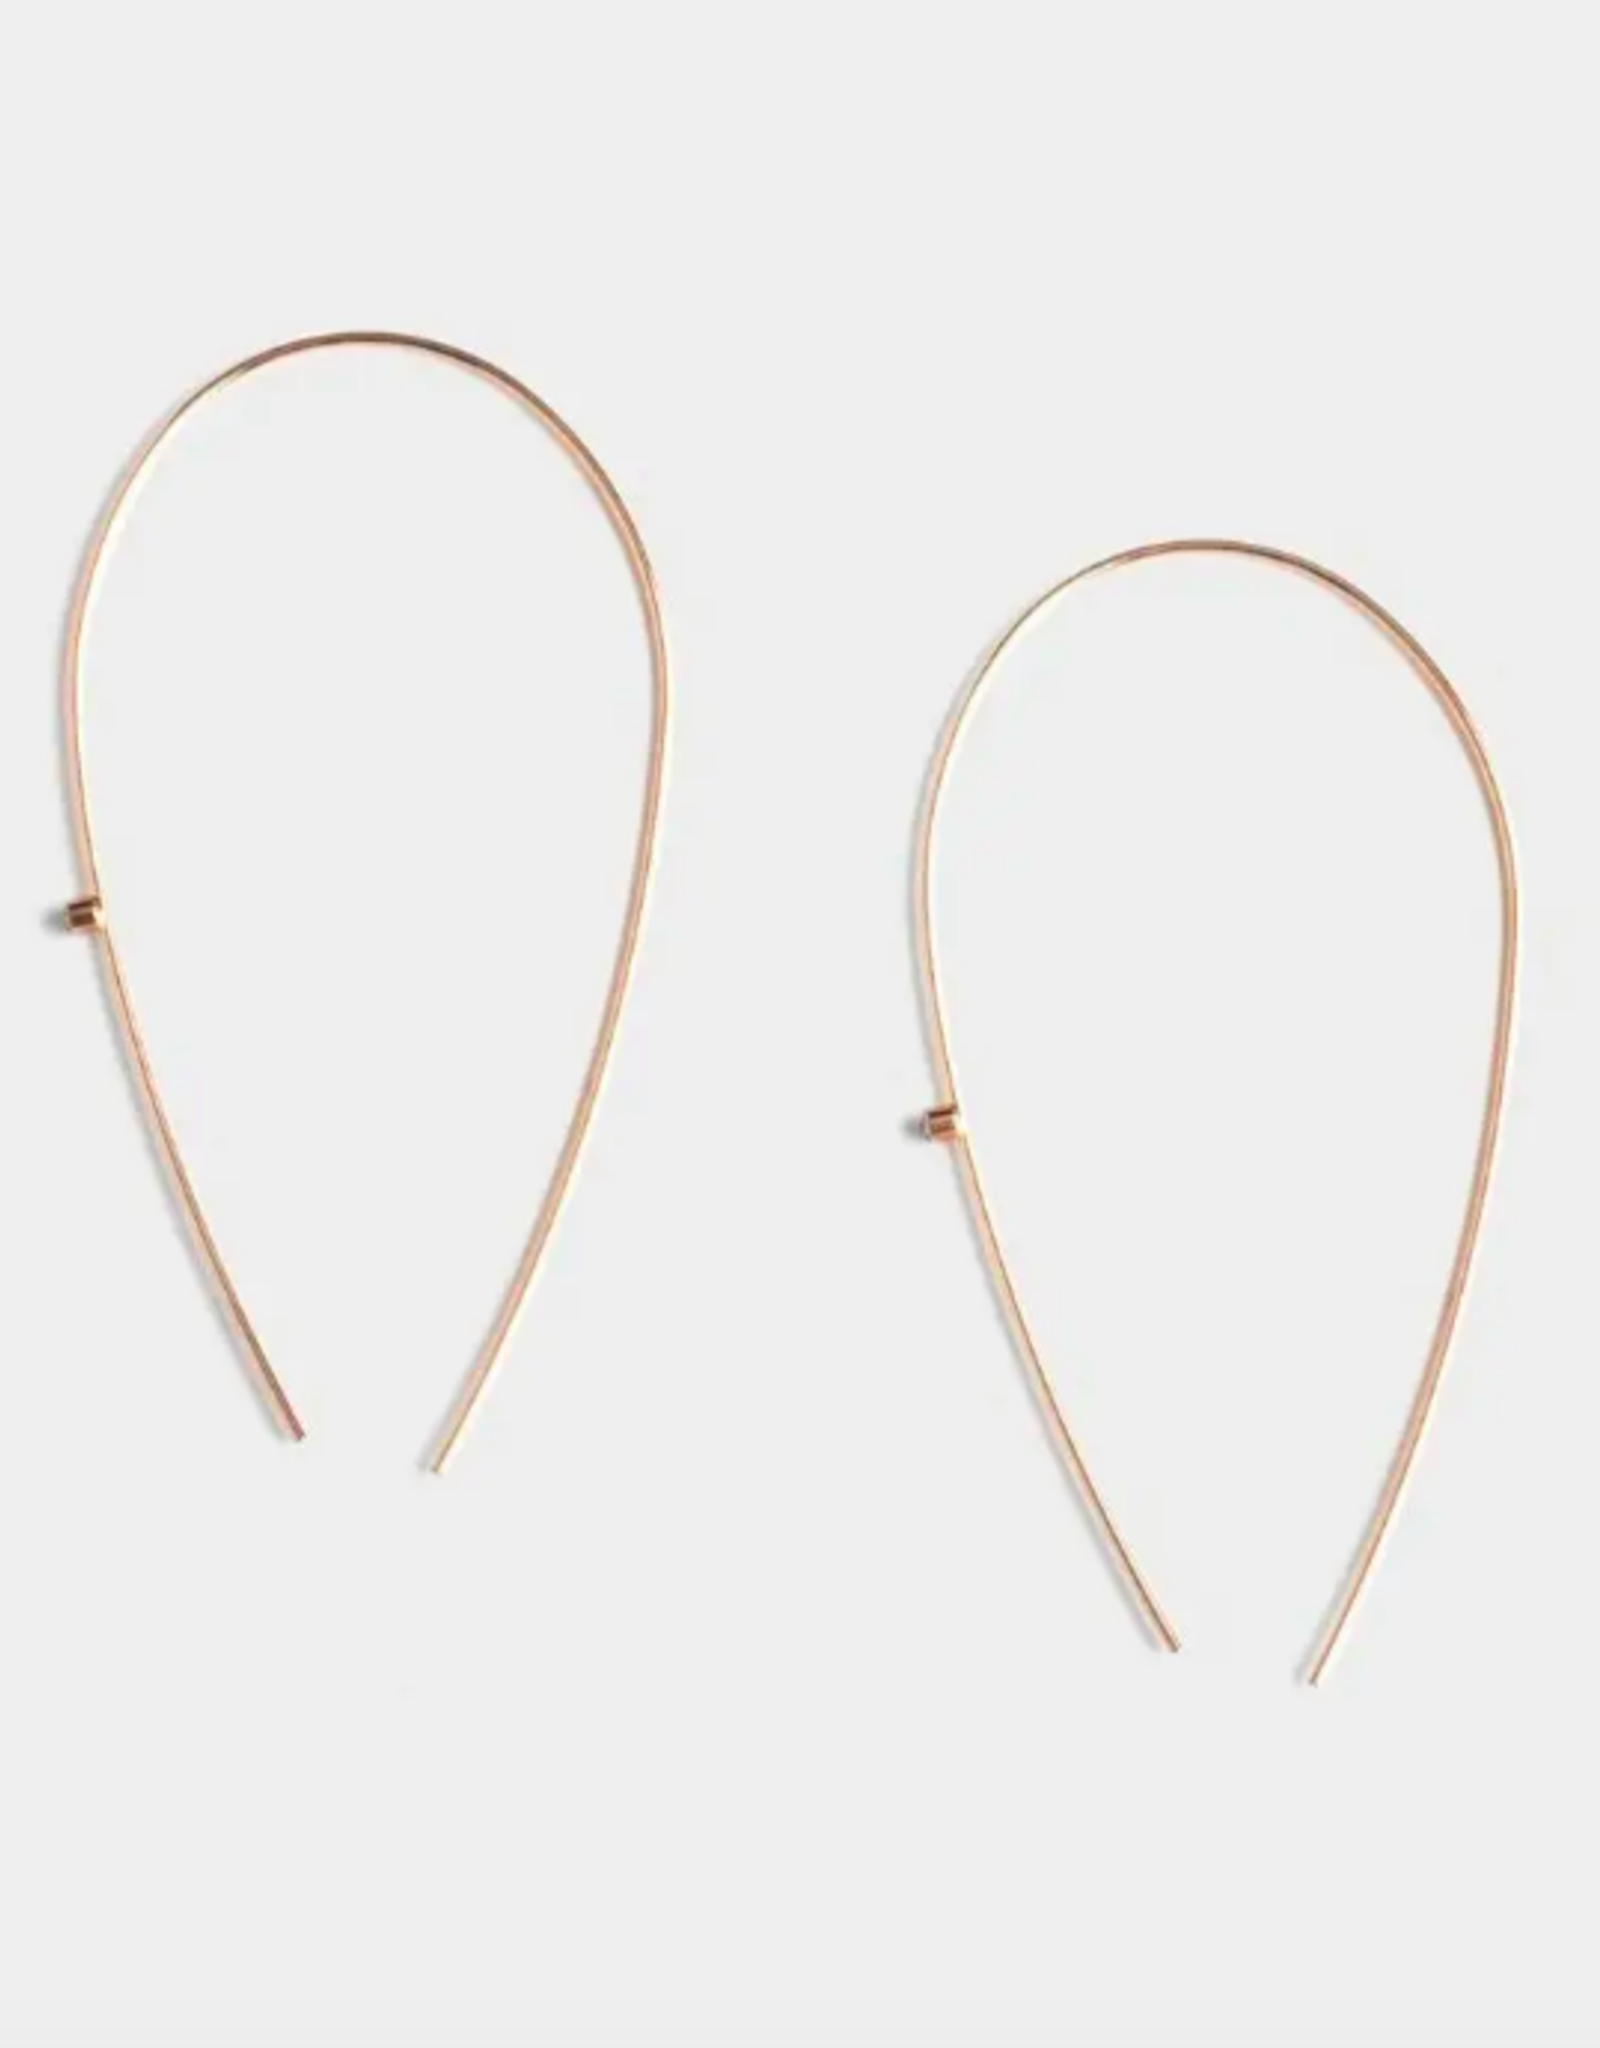 Ivy Long Arc Earrings